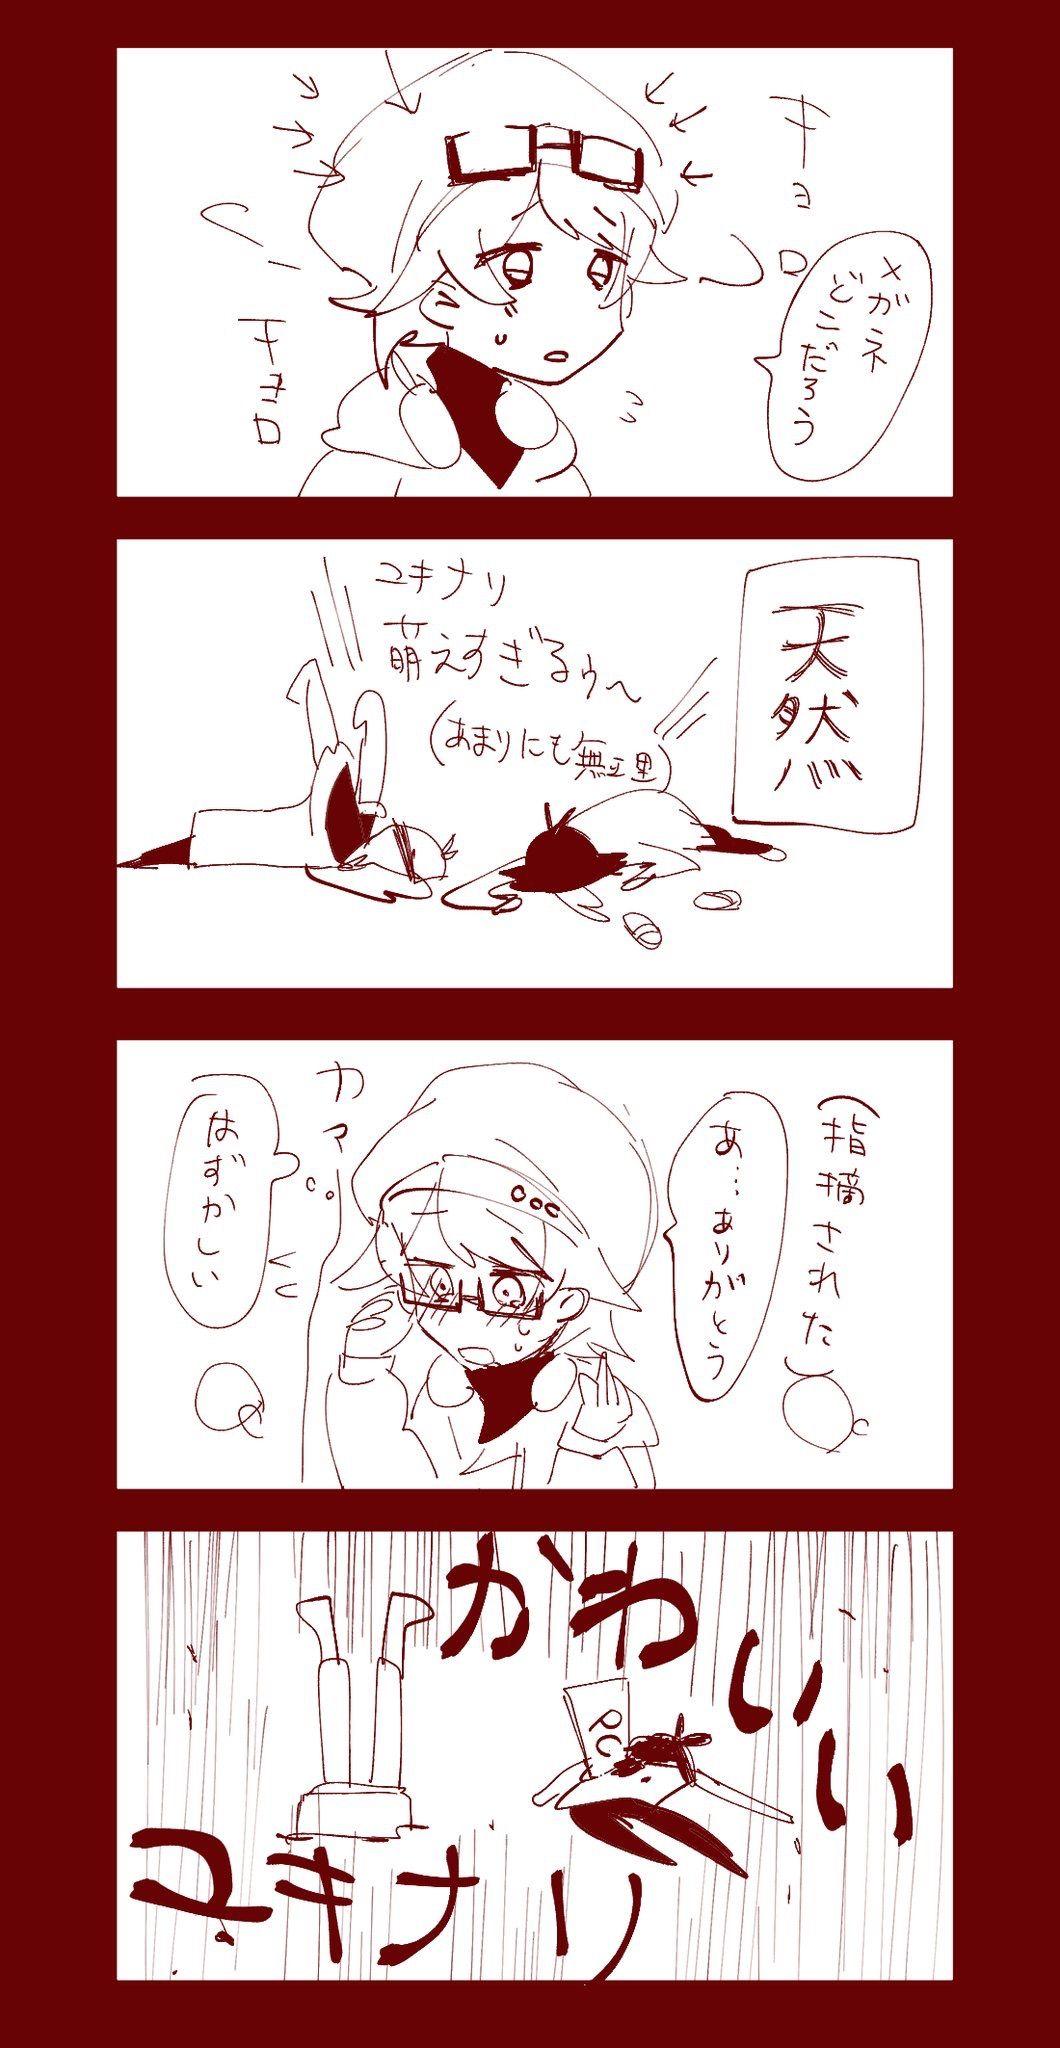 悪狼游戏 おしゃれまとめの人気アイデア Pinterest 鈴 璃櫻 狼ゲーム リンタロウ フリーホラーゲーム 狼ゲーム ユキナリ